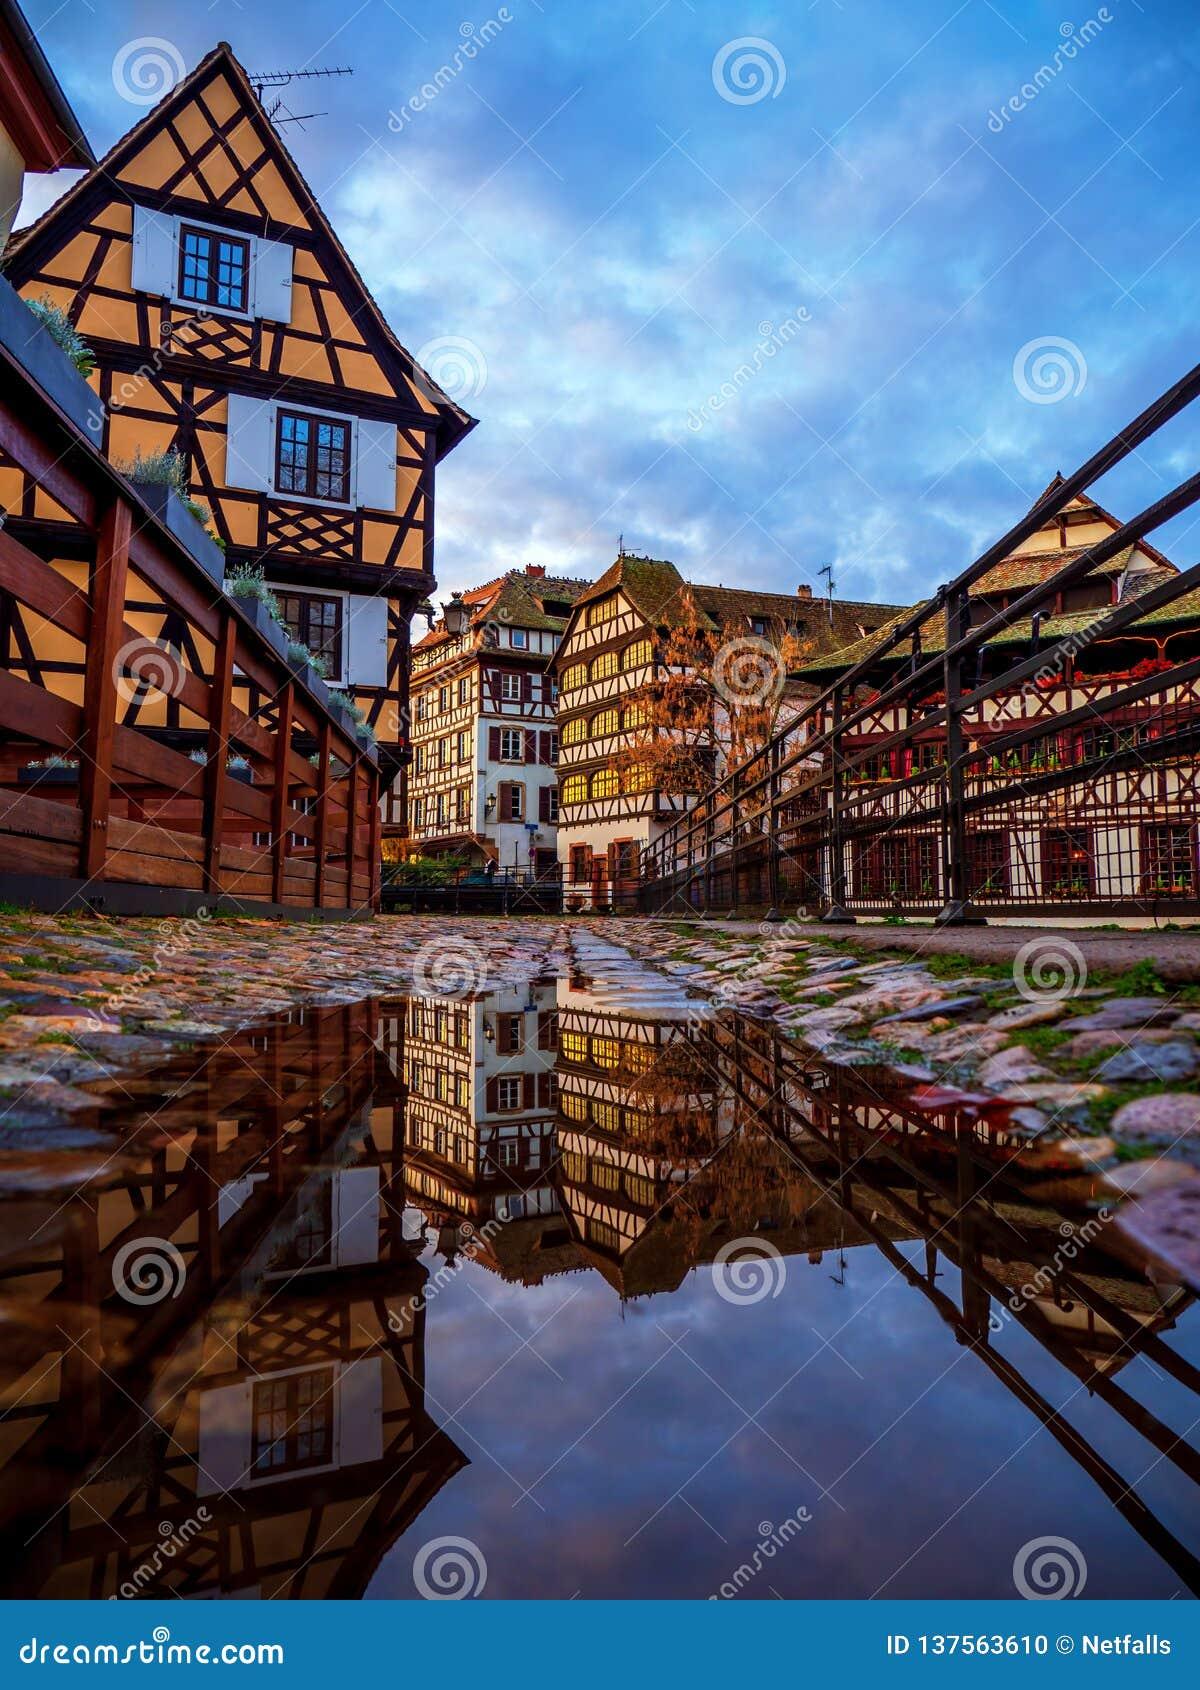 Λεπτοκαμωμένη περιοχή της Γαλλίας στο Στρασβούργο